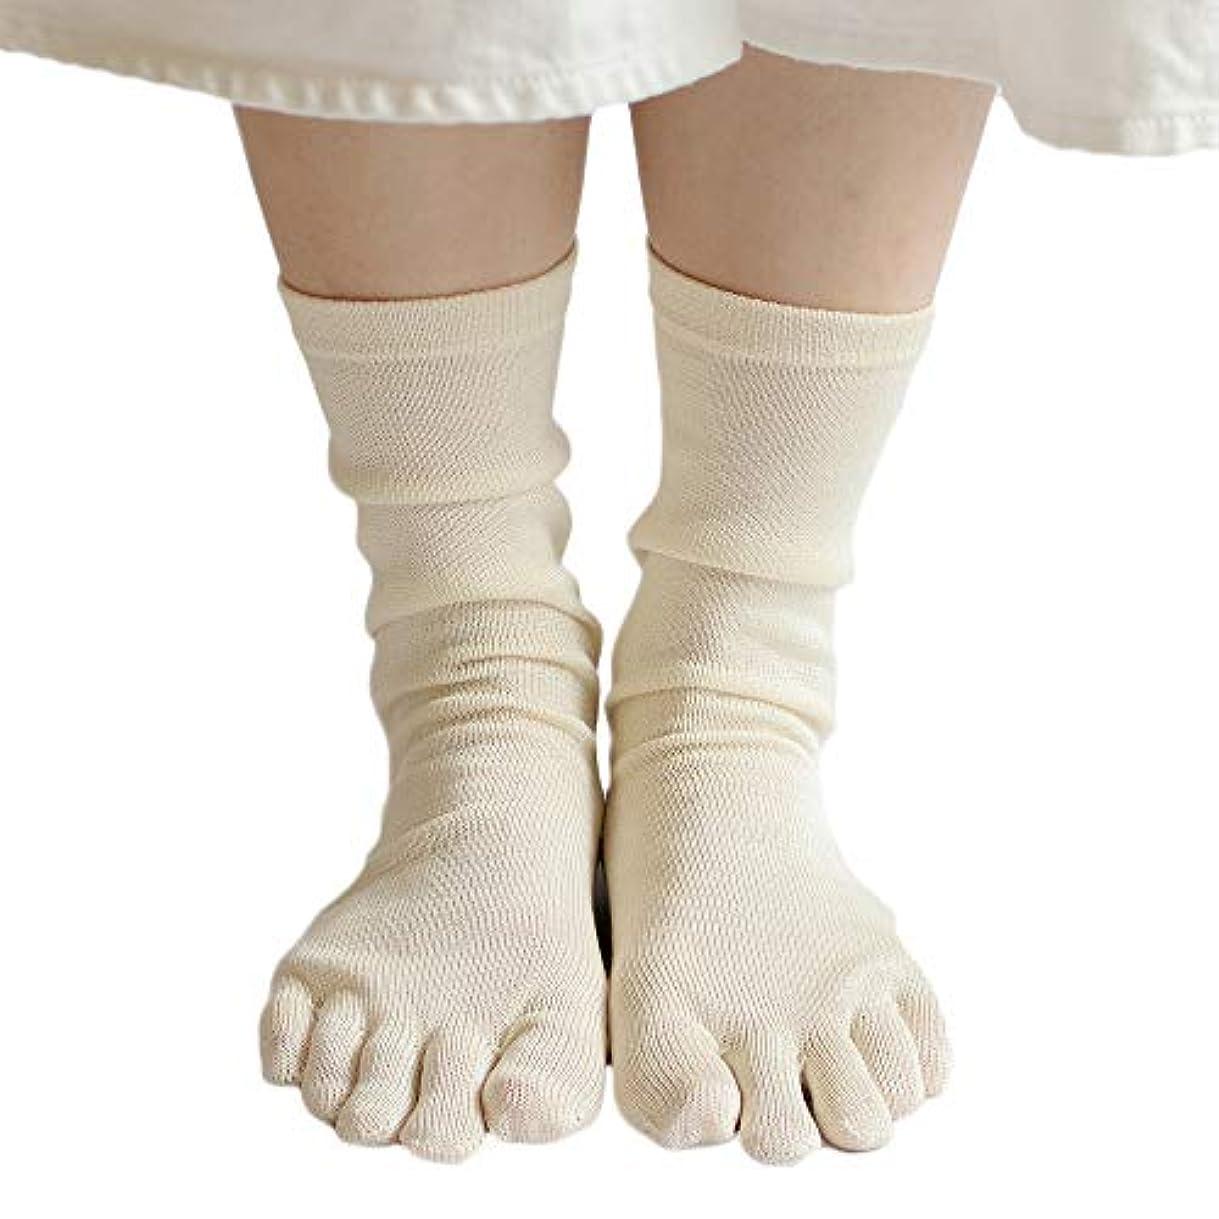 今晩パイプラインスチールタイシルク 100% 五本指 ソックス 3足セット かかとあり 上質なシルクを100%使用した薄手靴下 重ね履きのインナーソックスや冷えとりに